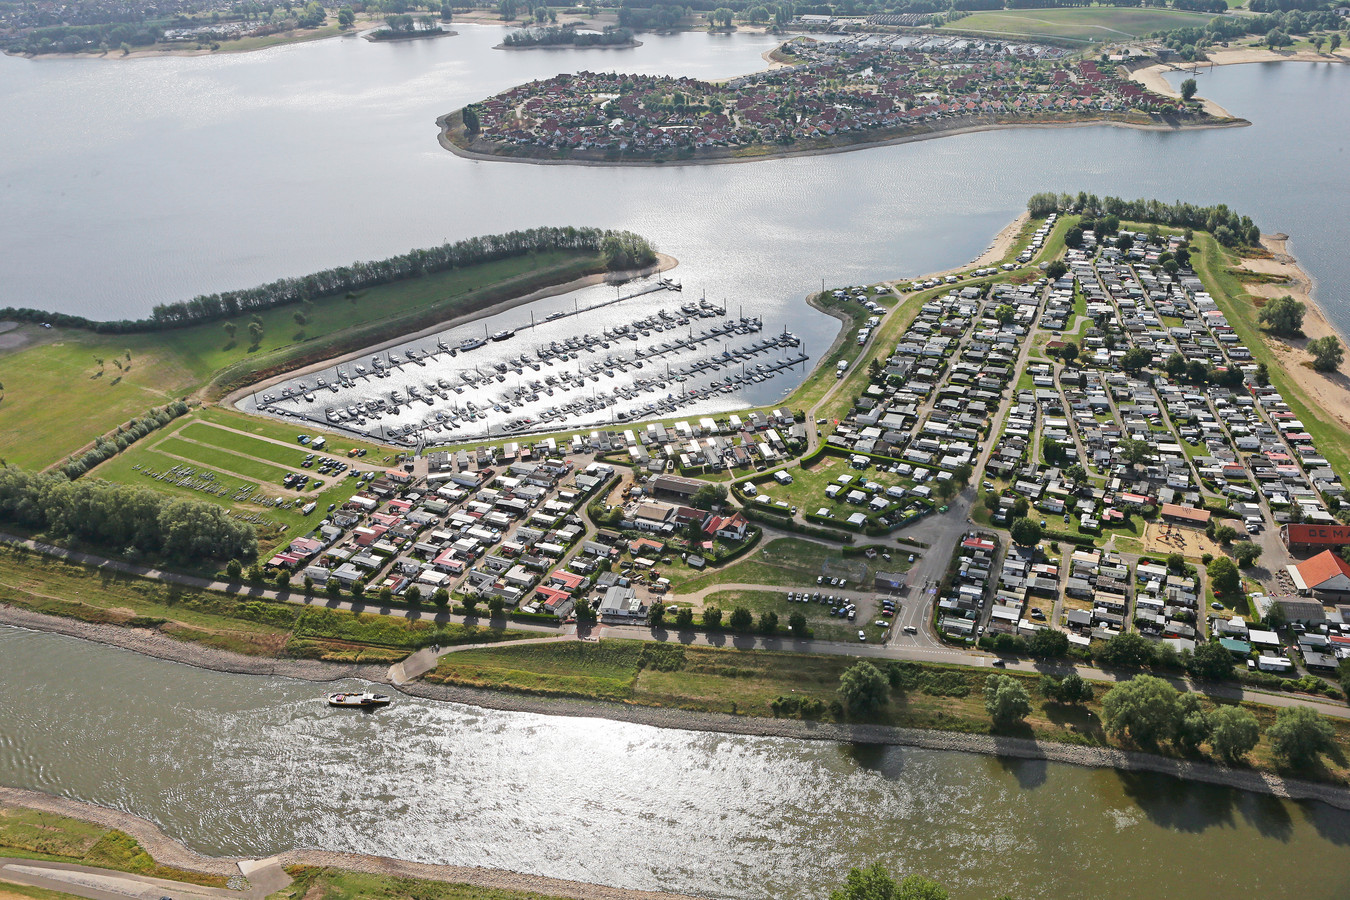 Recreatieplas Rhederlaag vanuit de lucht gezien.